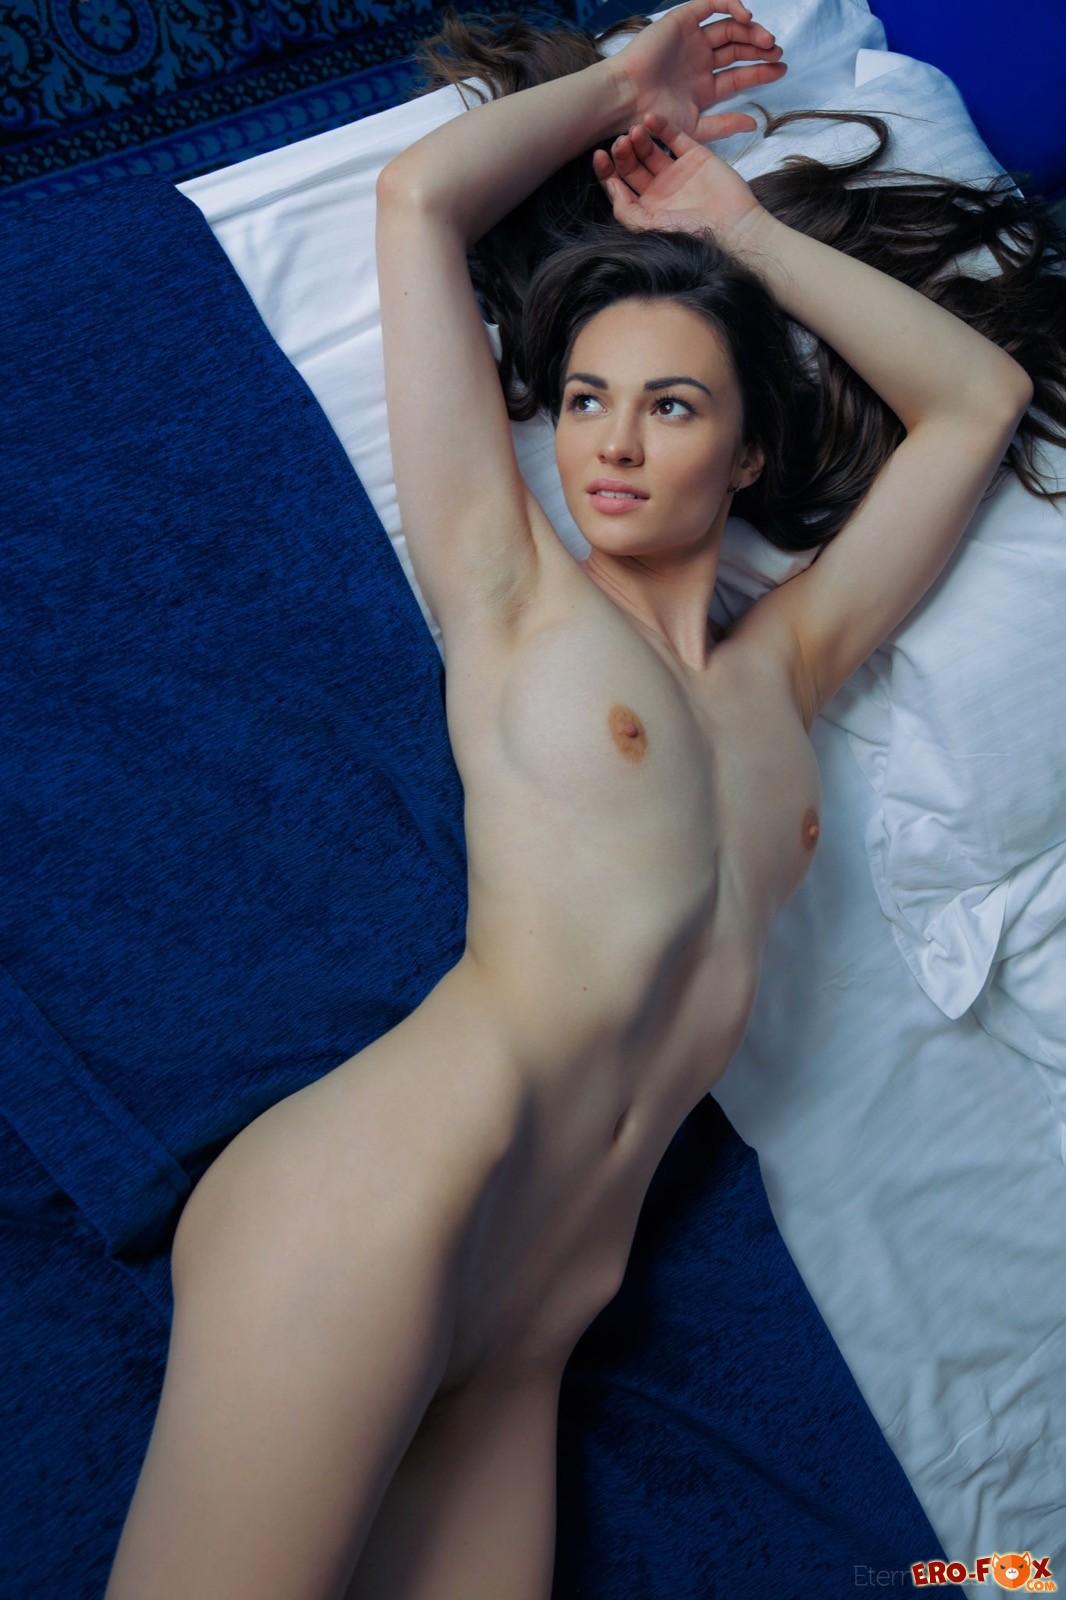 Девица со сладкой попкой встает раком в постели